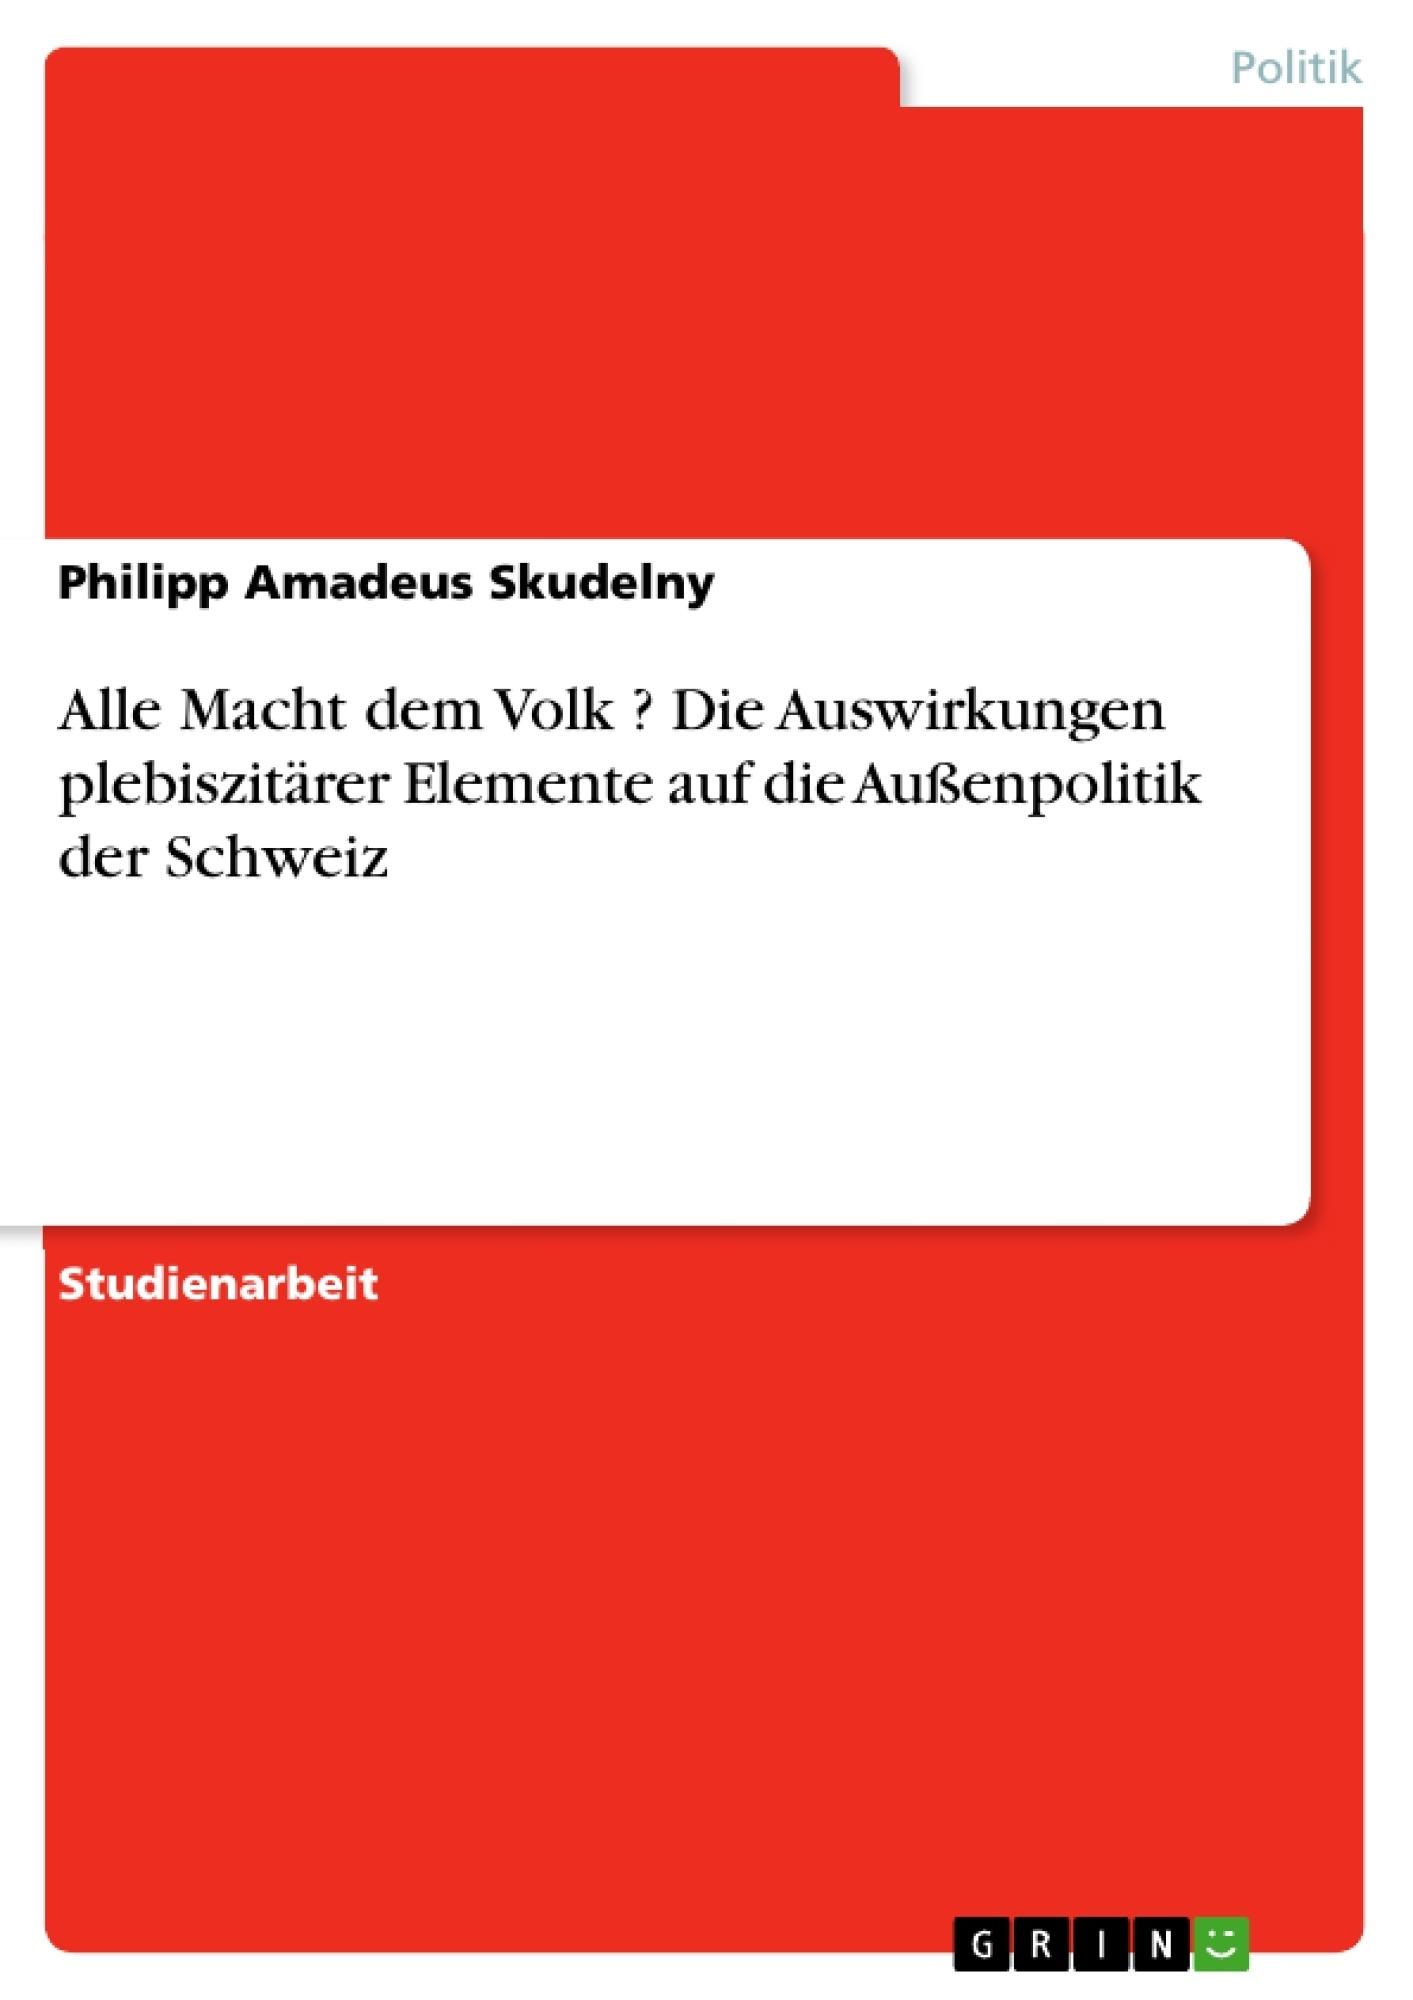 Titel: Alle Macht dem Volk ? Die Auswirkungen plebiszitärer Elemente auf die Außenpolitik der Schweiz